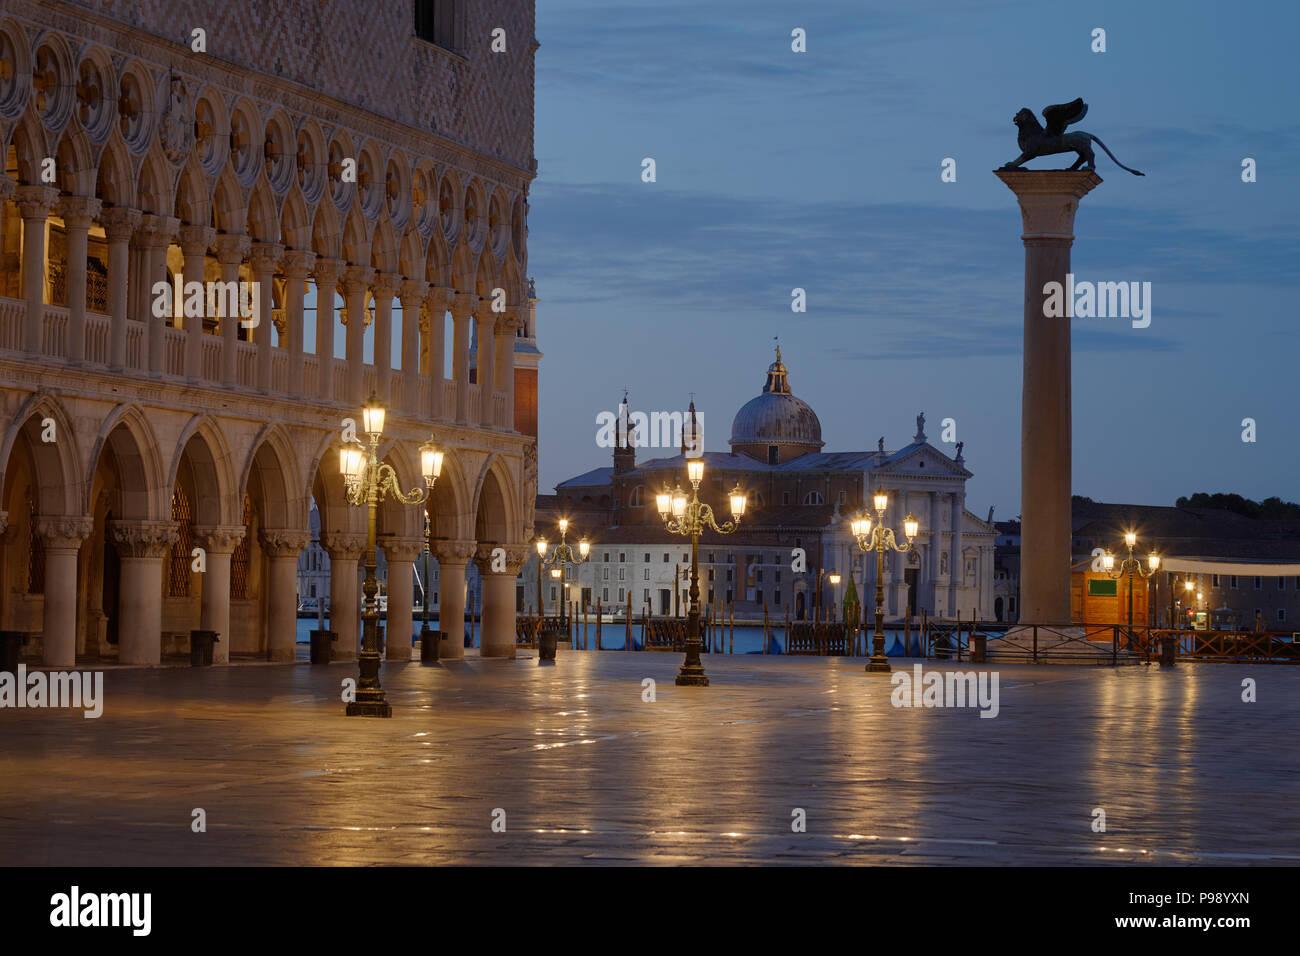 La place San Marco avec lion sur colonne et basilique San Giorgio Maggiore personne avant le lever du soleil à Venise, Italie Banque D'Images